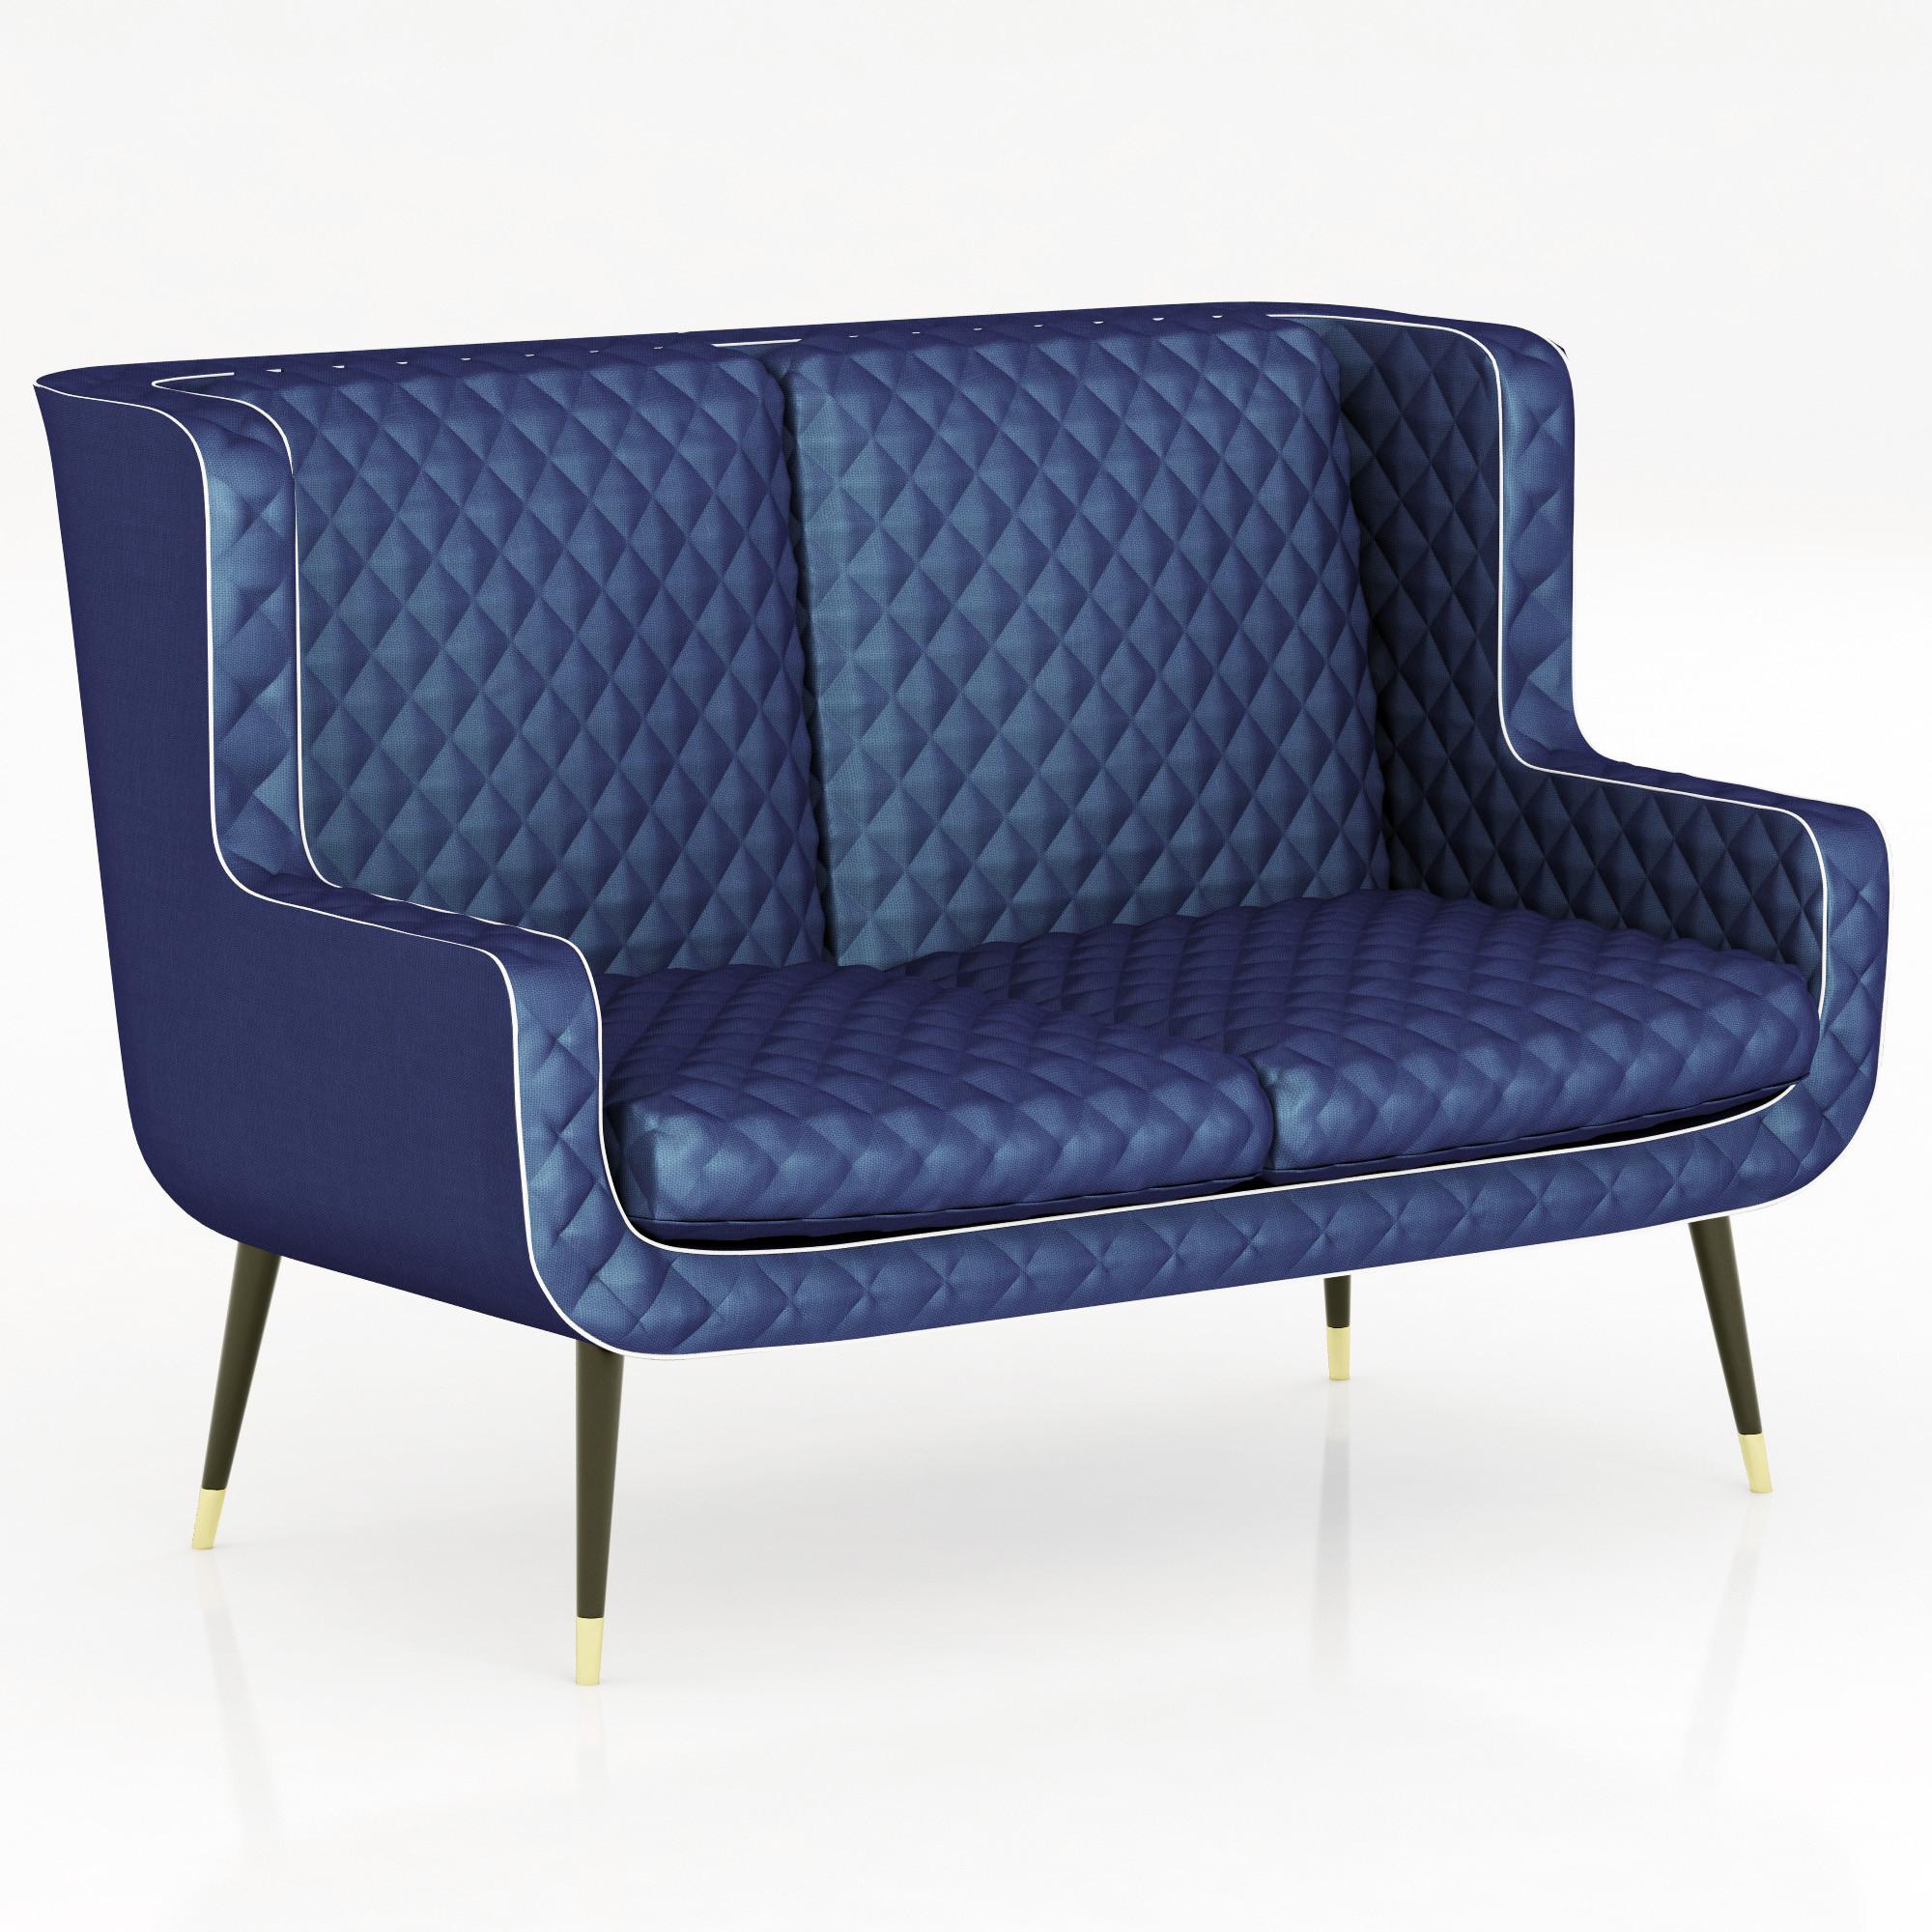 baxter dolly sofa 3d model. Black Bedroom Furniture Sets. Home Design Ideas